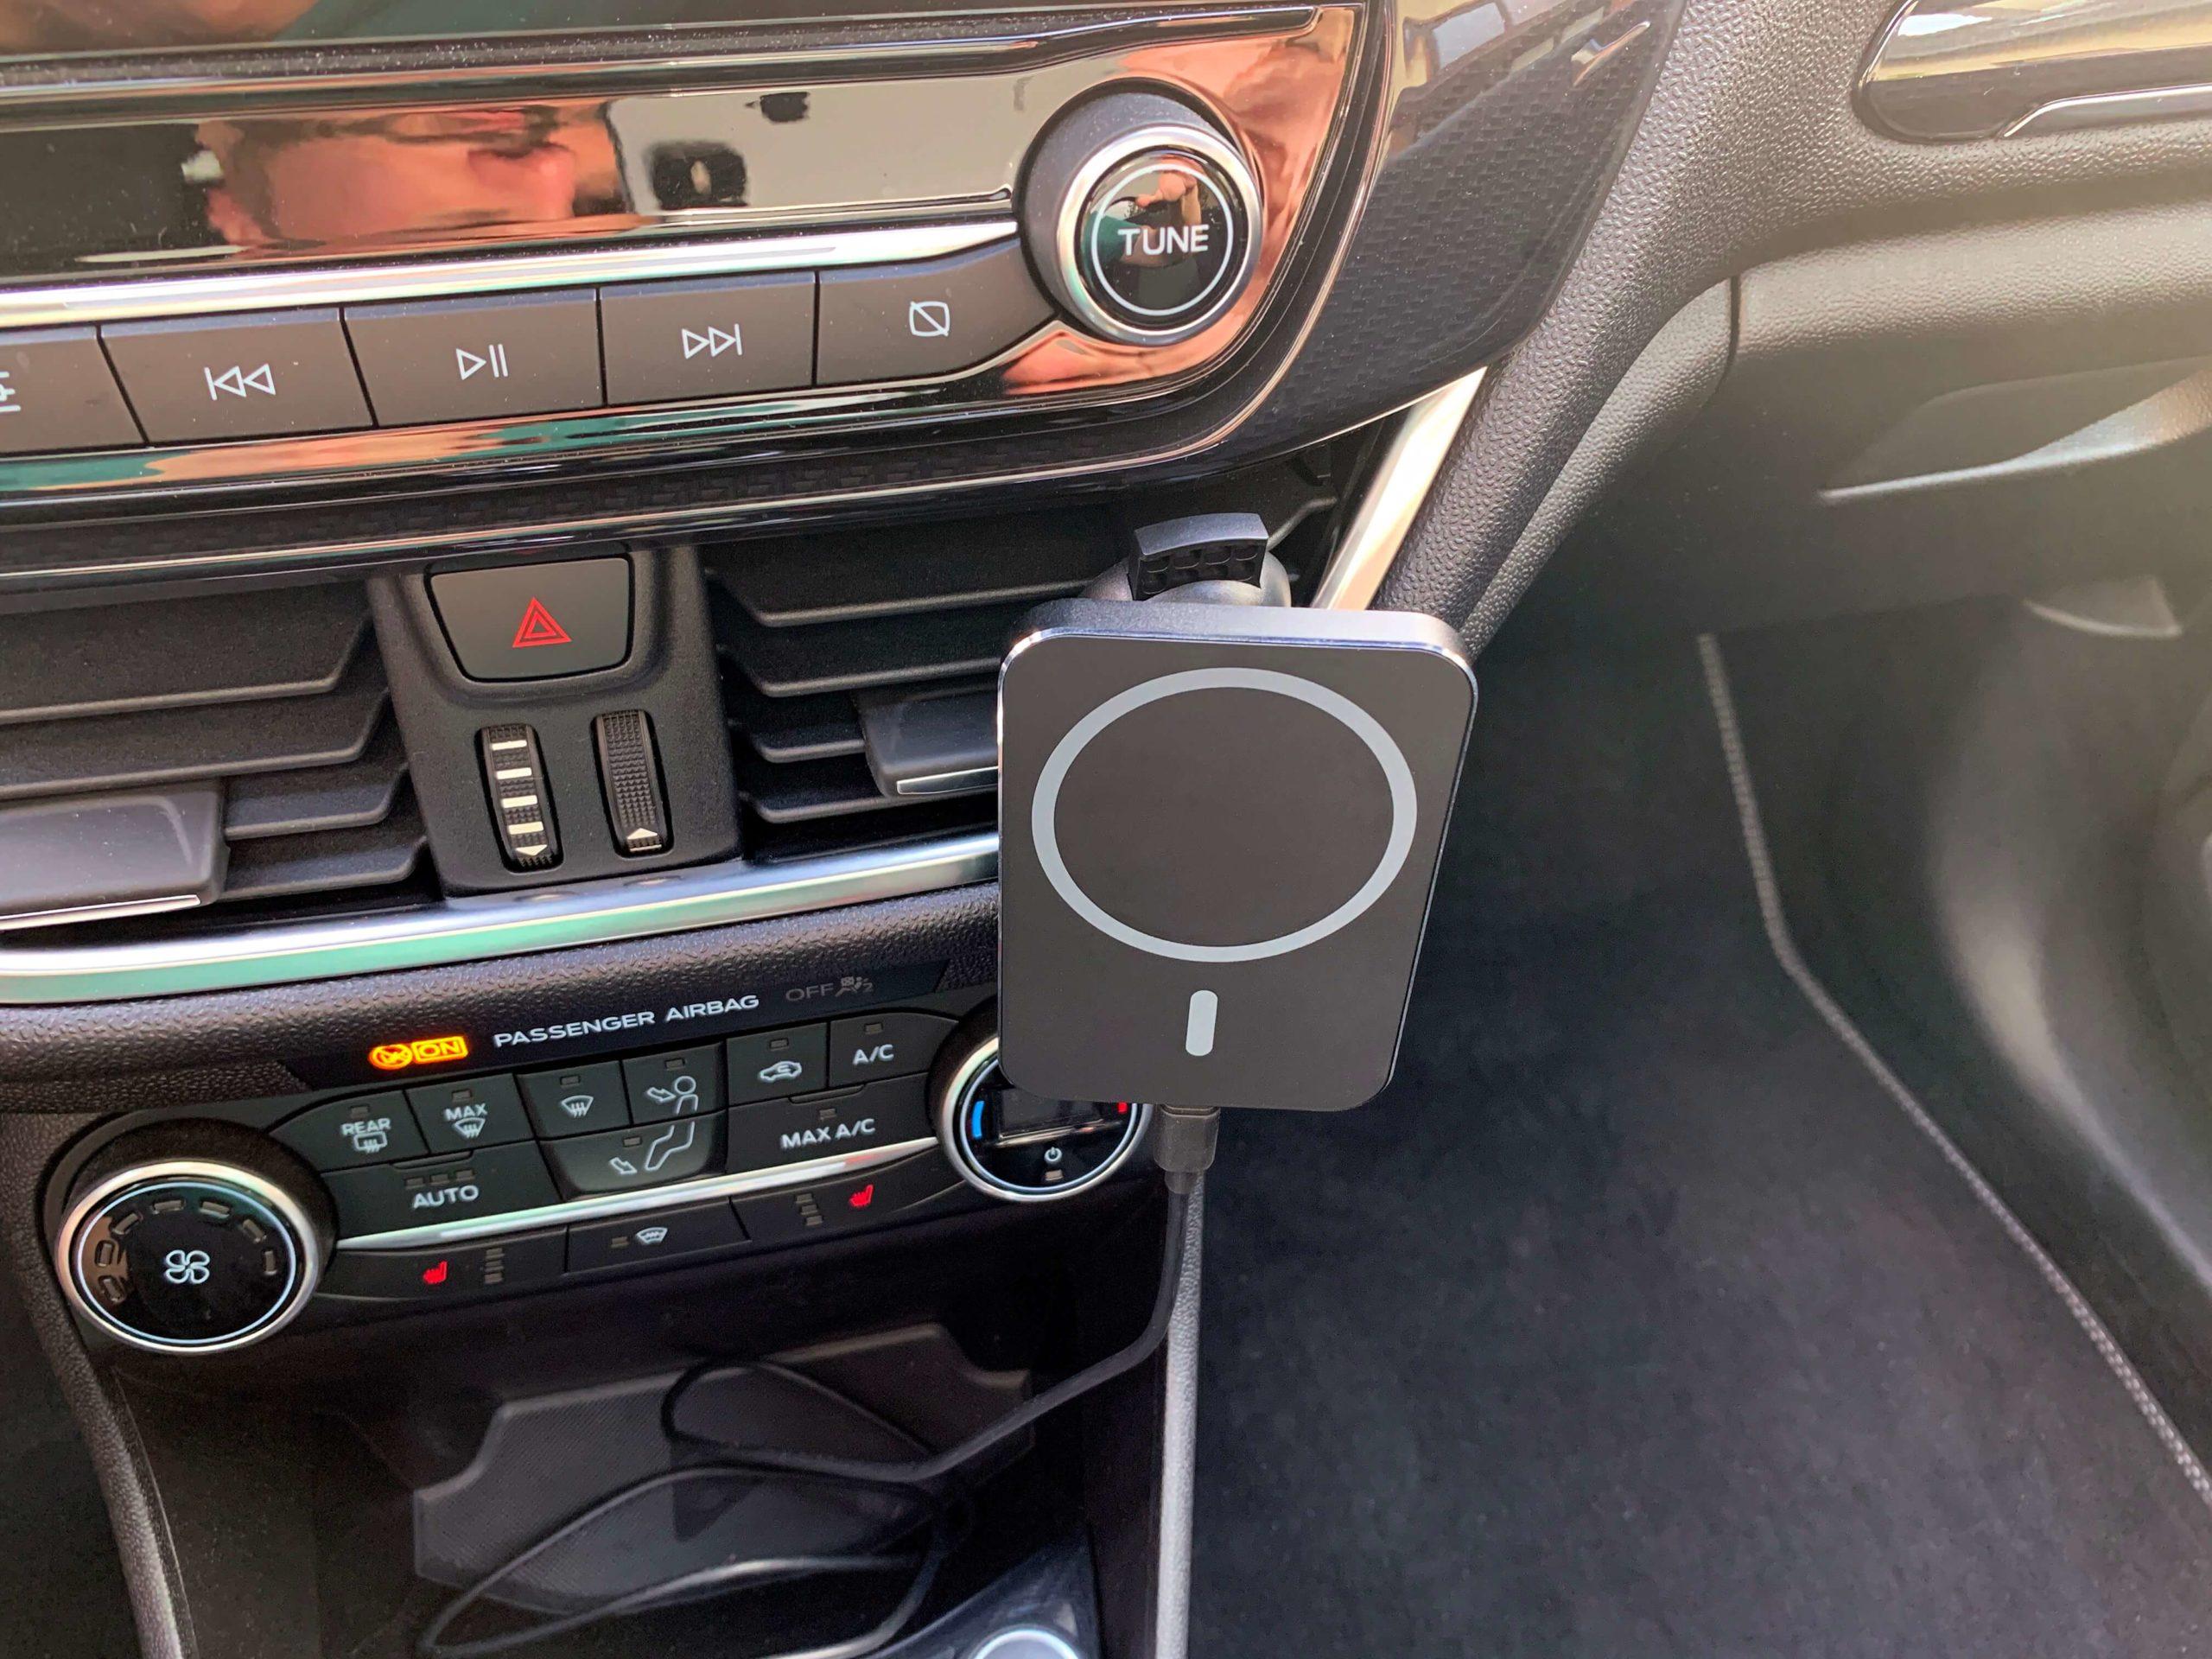 Drahtlos-das-iPhone-im-Auto-via-MagSafe-aufladen-einfach-und-fuer-jeden4-scaled Drahtlos das iPhone im Auto via MagSafe aufladen